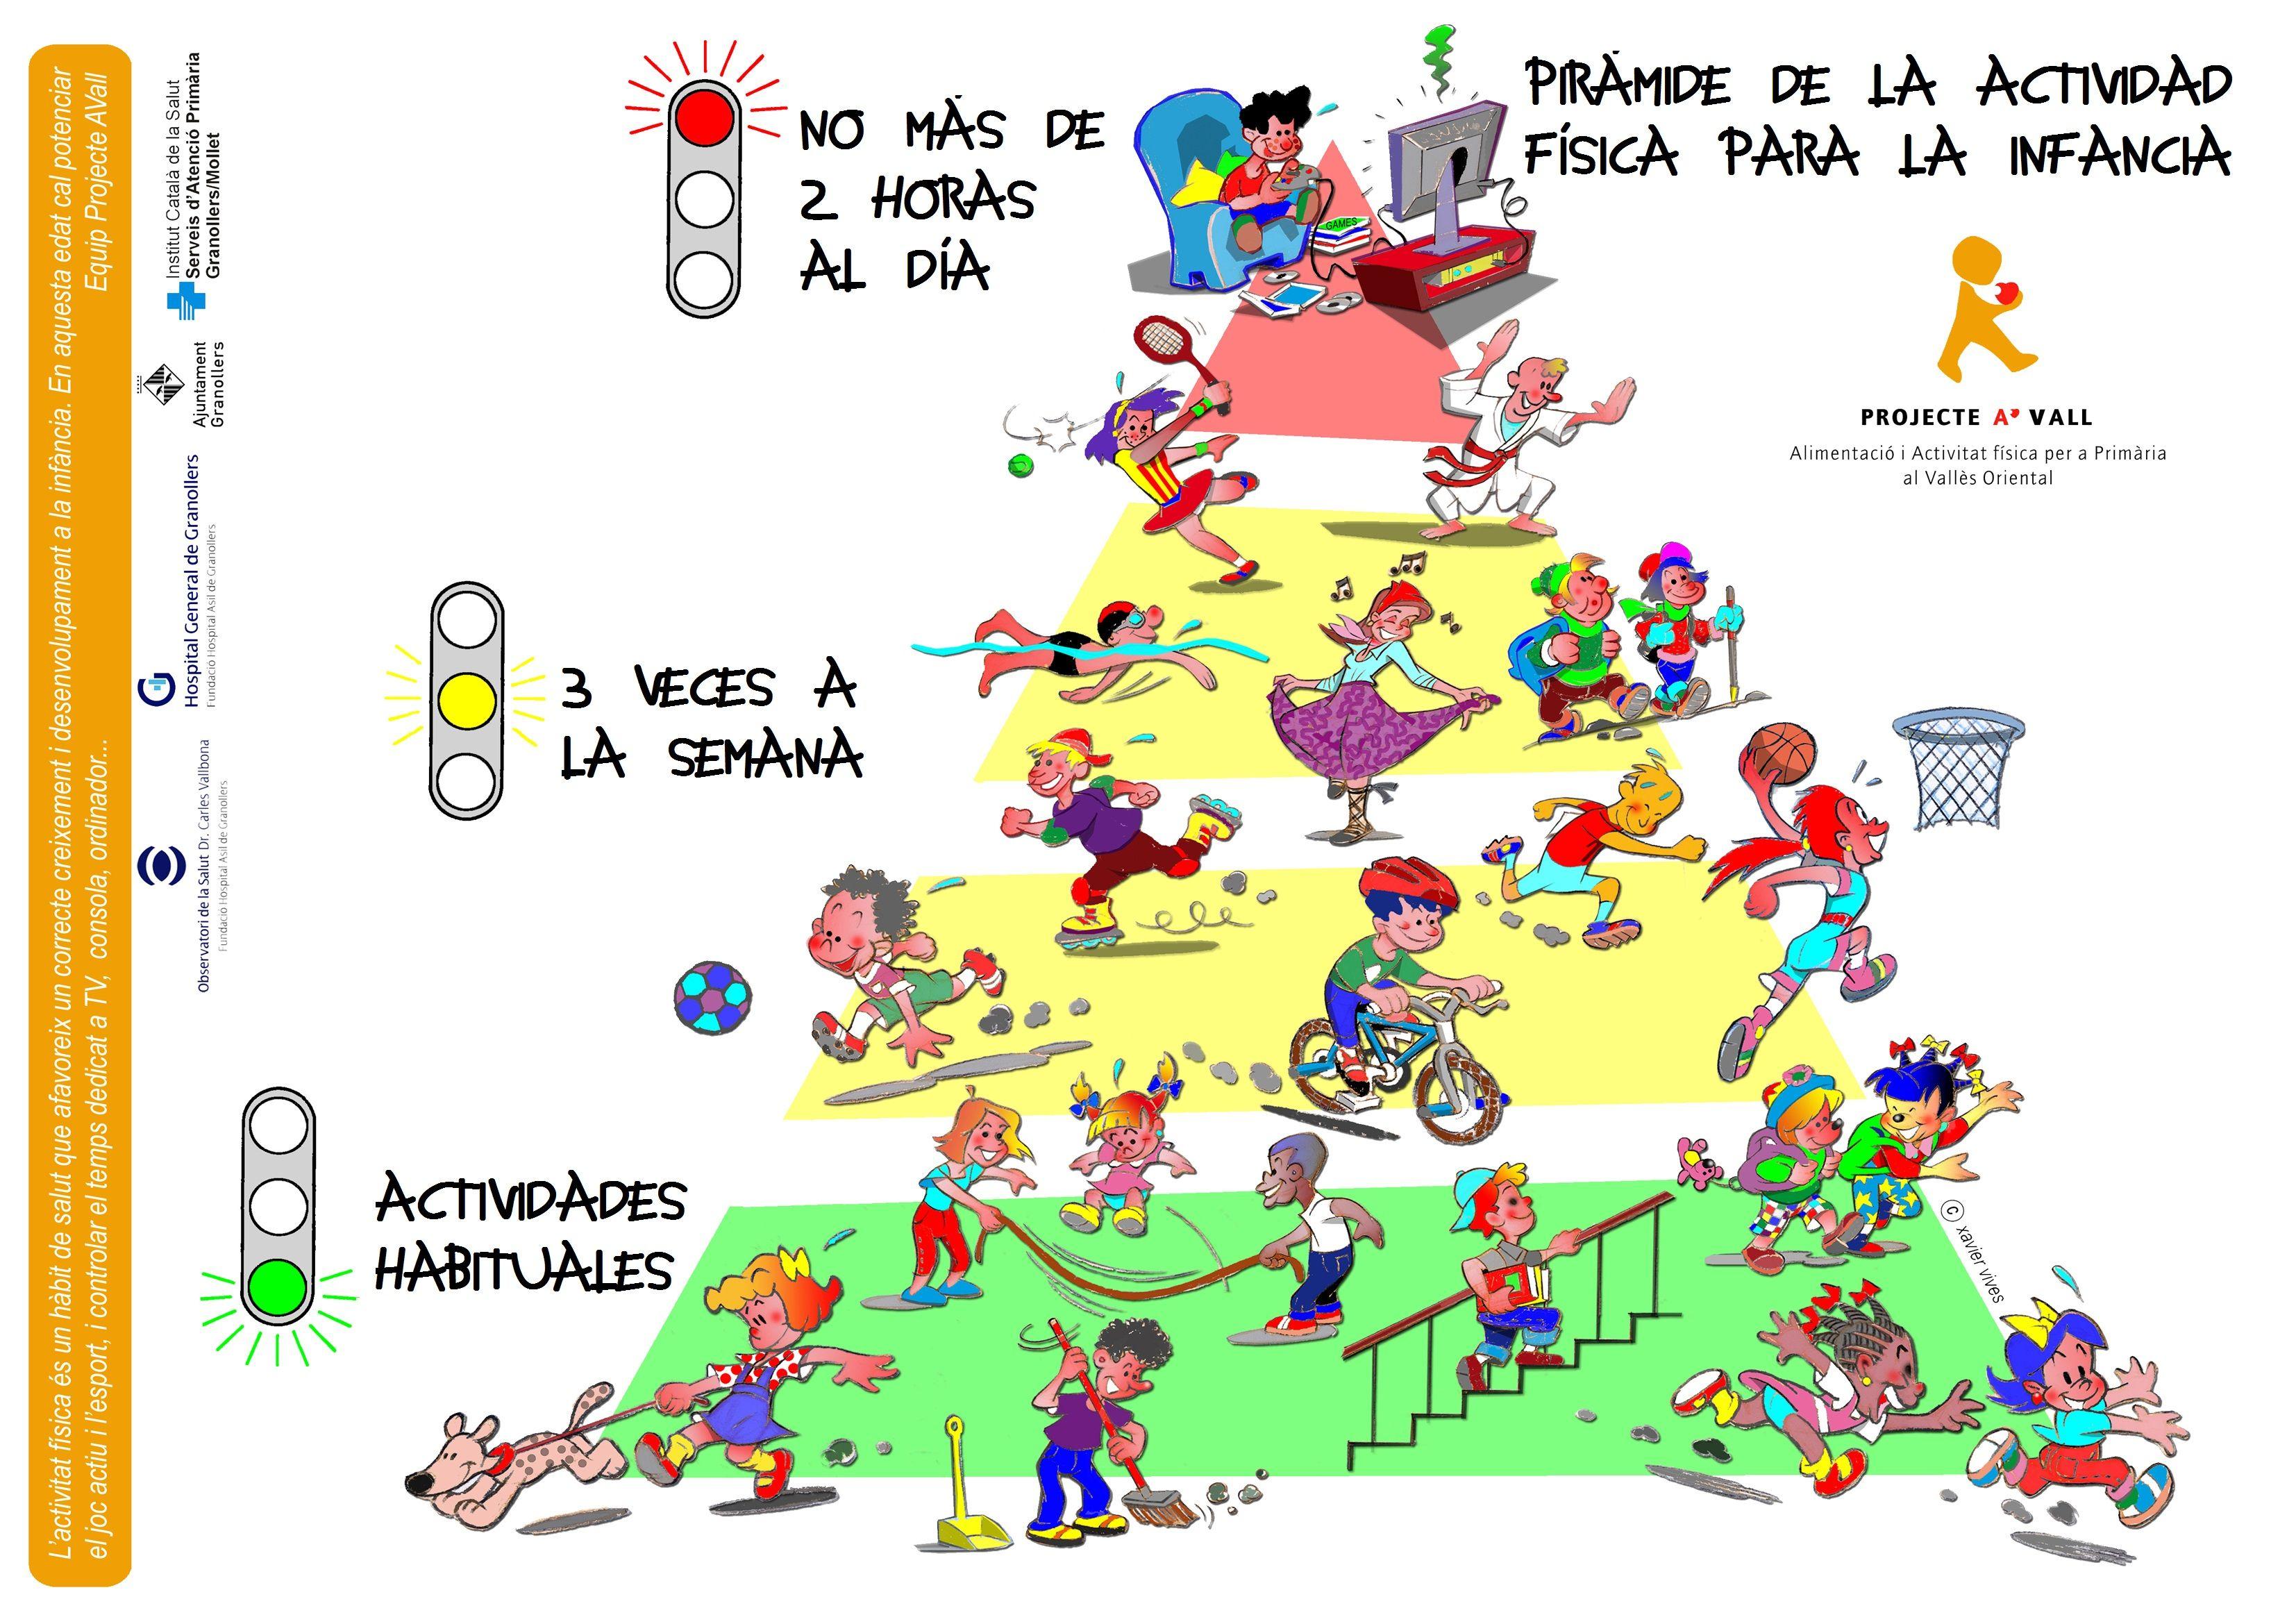 PIRÁMIDE DE LA ACTIVIDAD FÍSICA PARA LA INFANCIA | Actividades ...